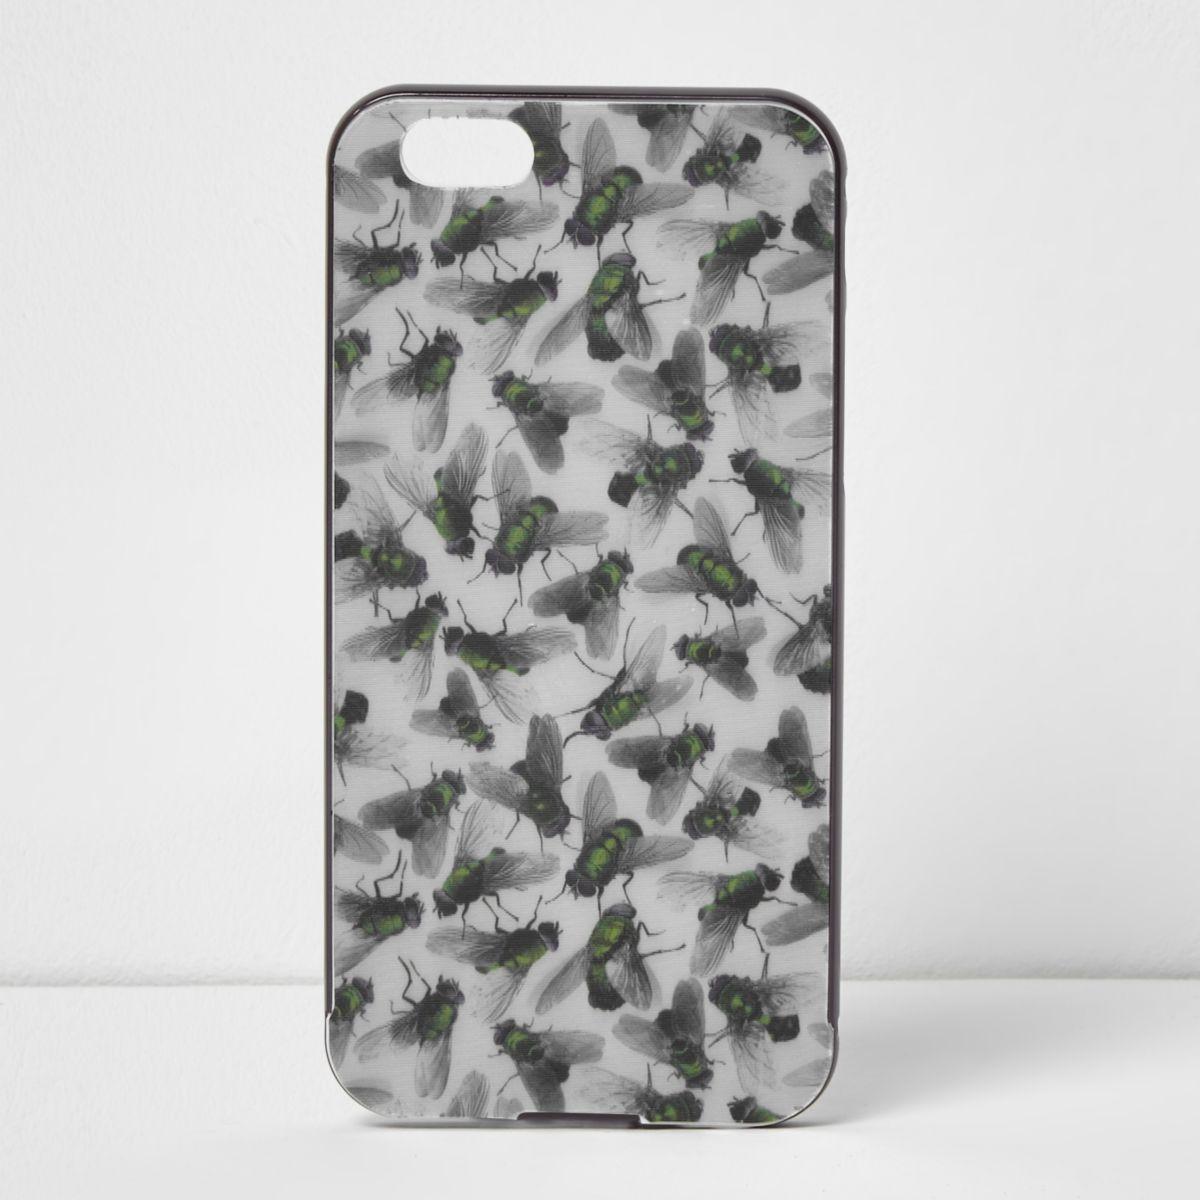 Coque Design Forum imprimé mouche grise pour iPhone 6